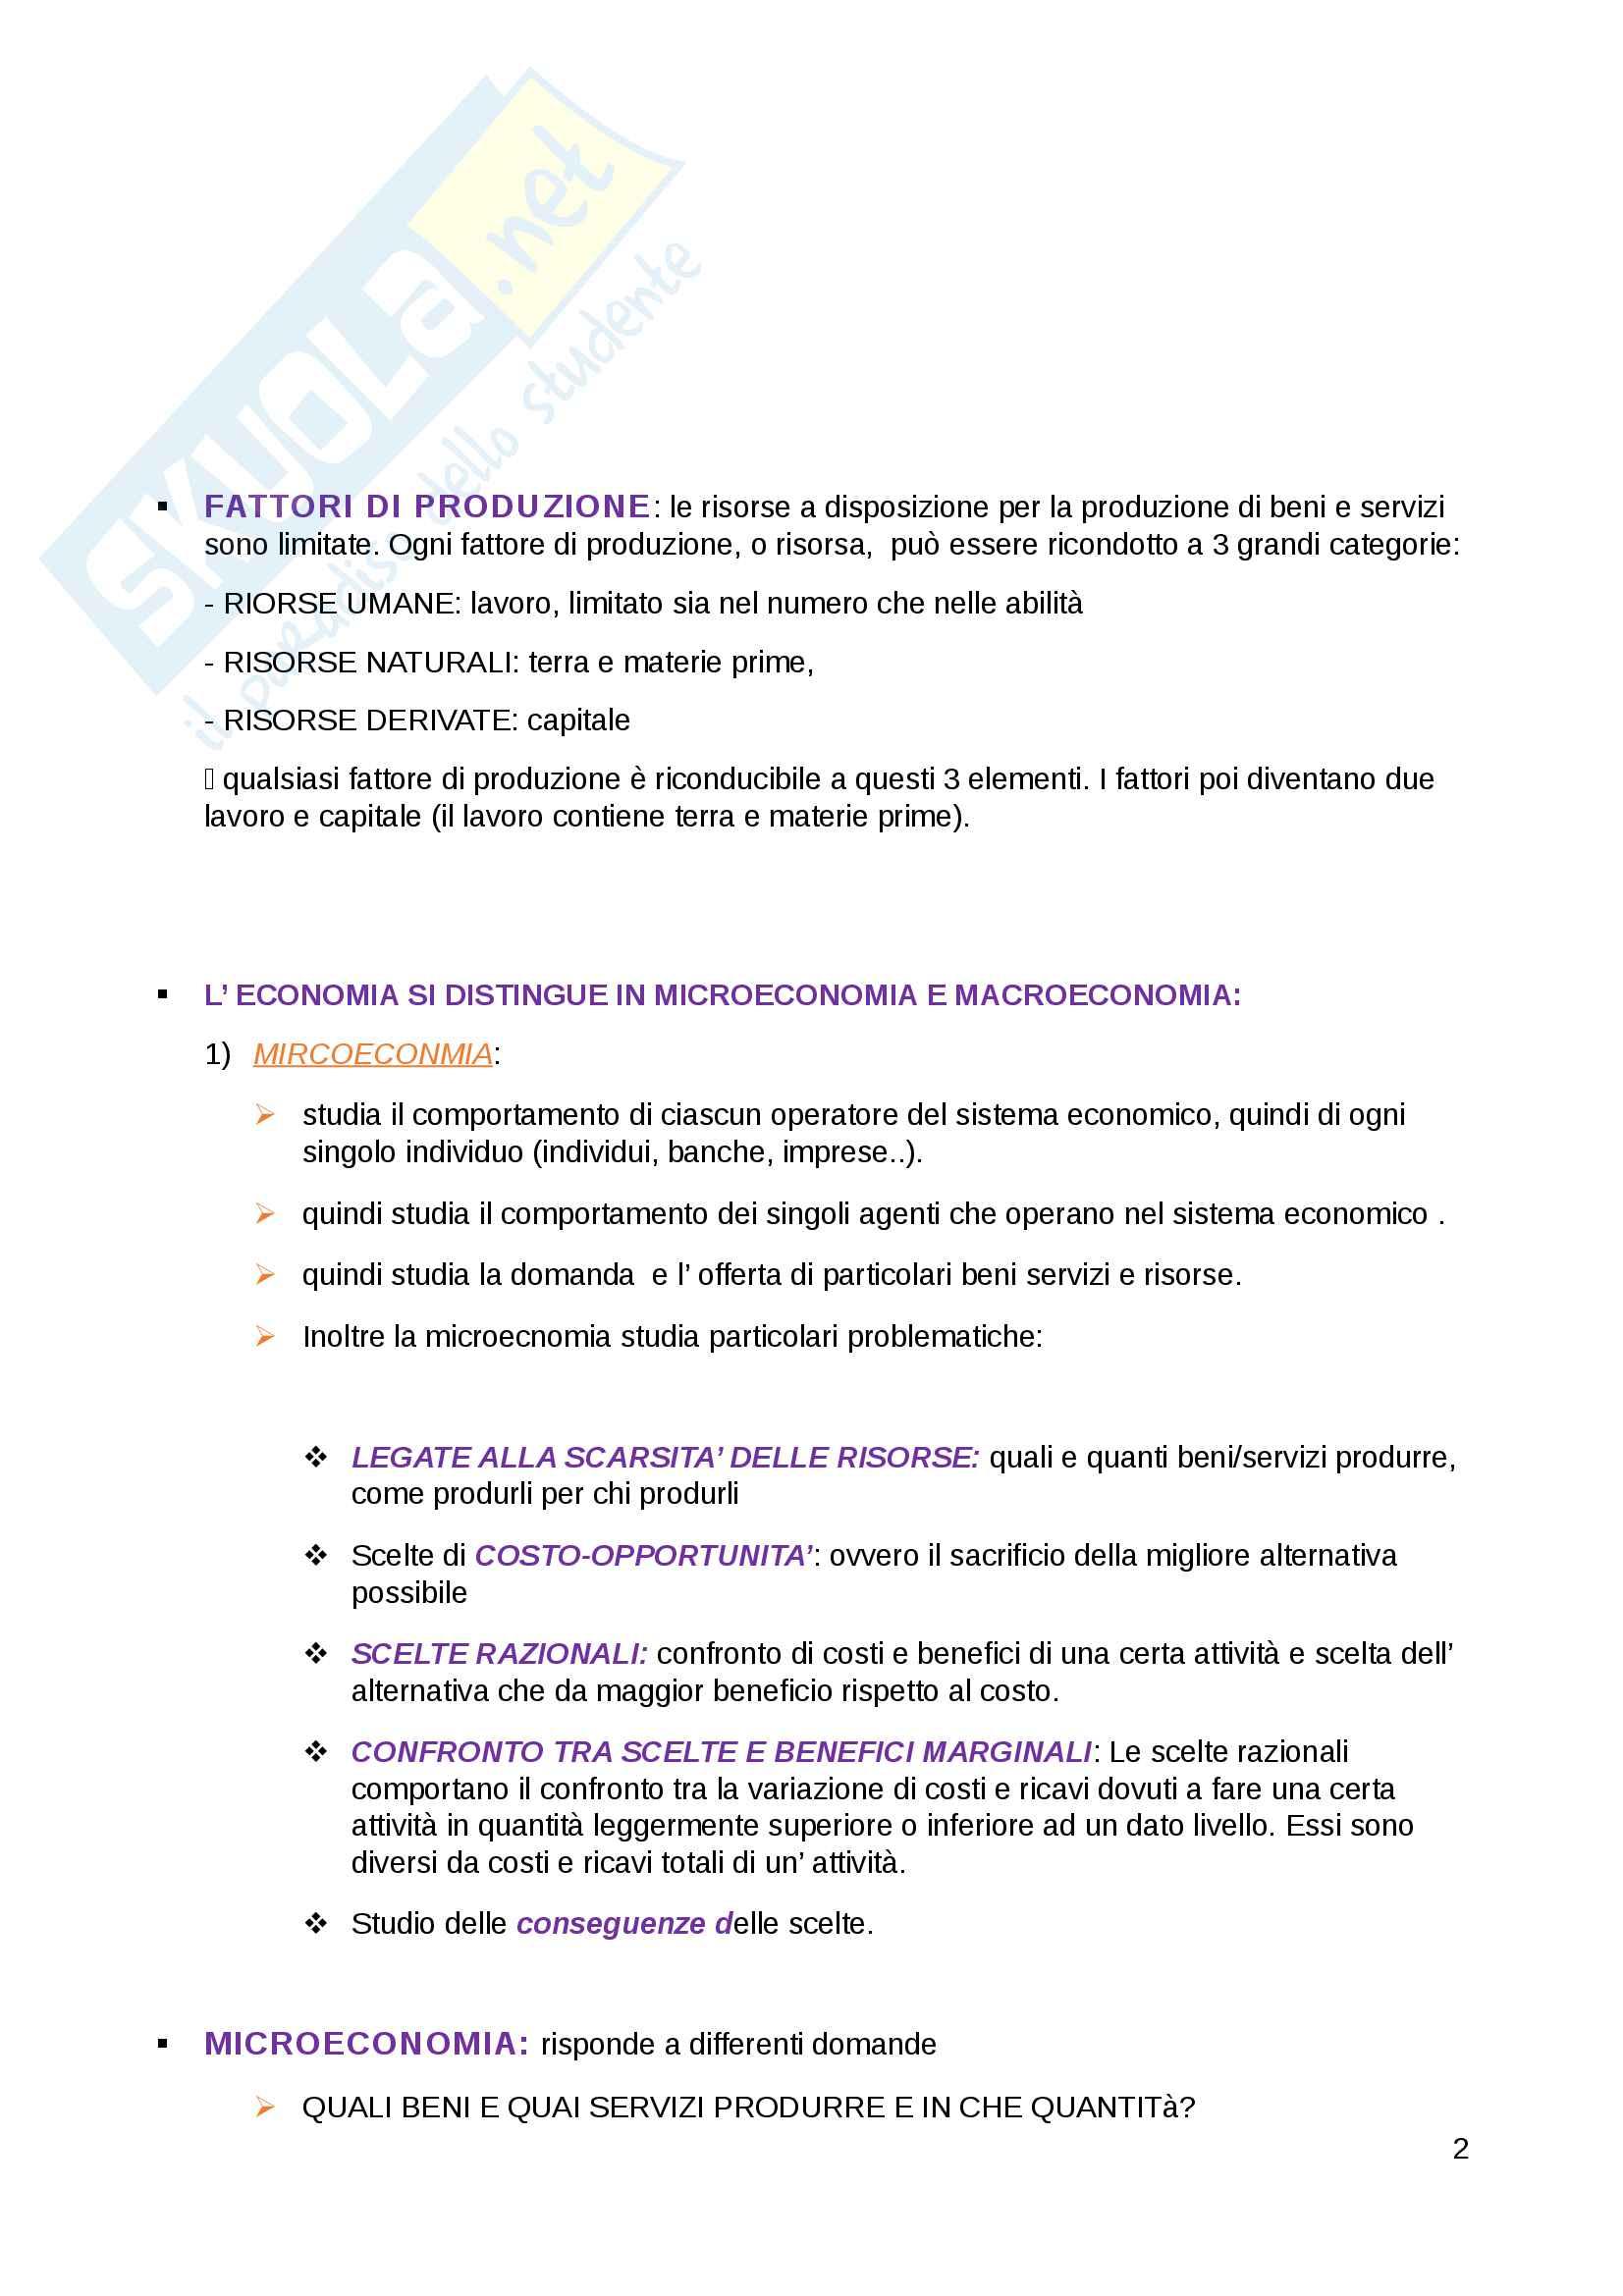 Appunti Economia politica Pag. 2